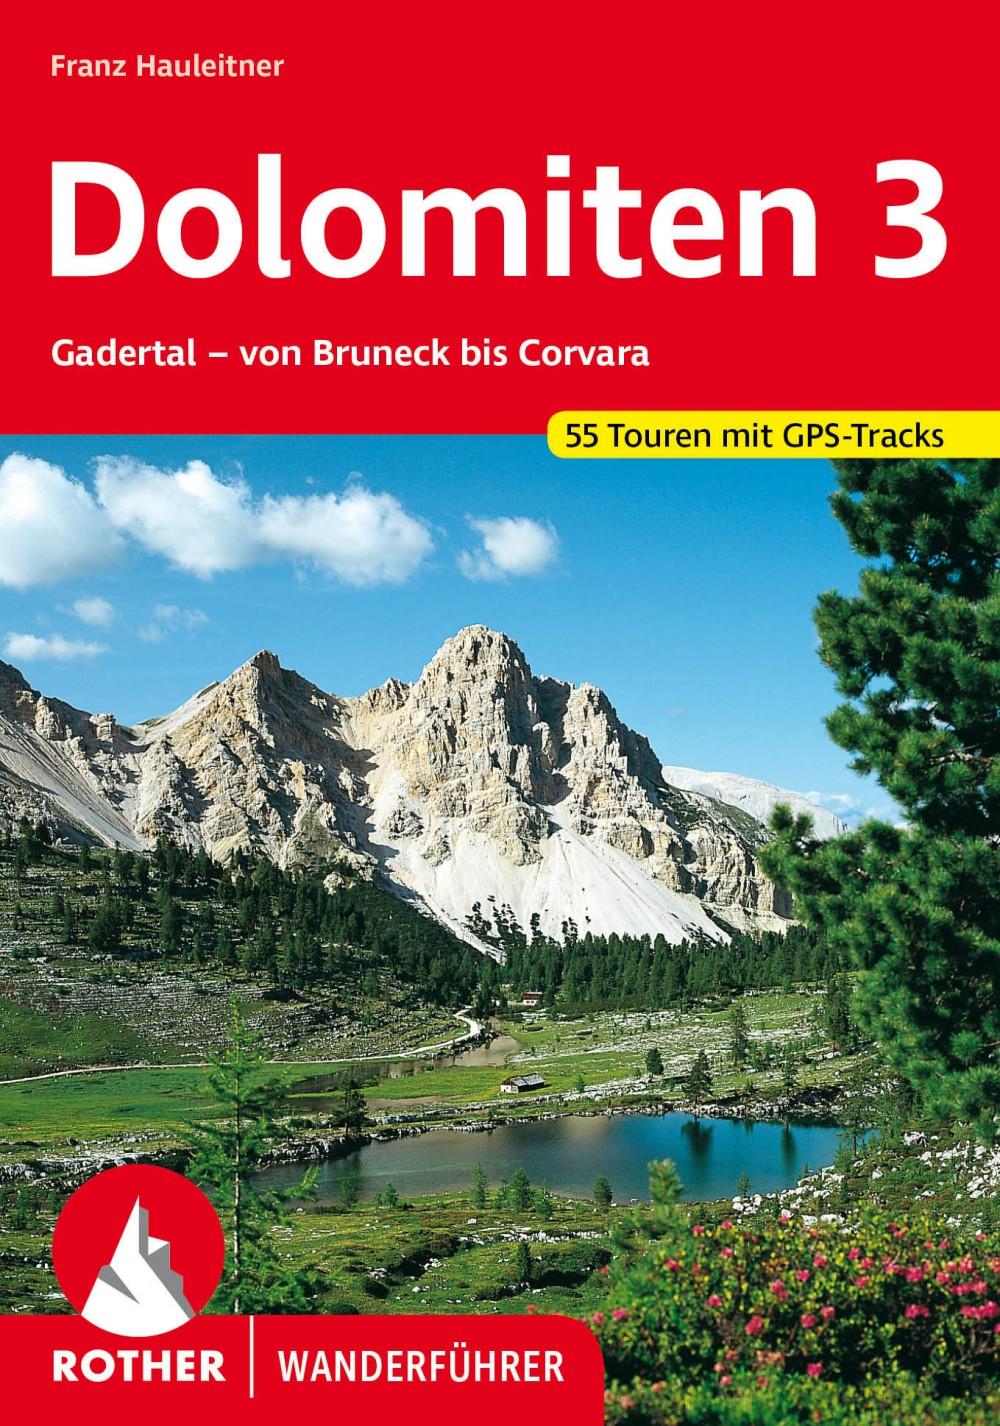 Dolomiten 3. (Gadertal - Von Bruneck bis Corvara) - RO 4060